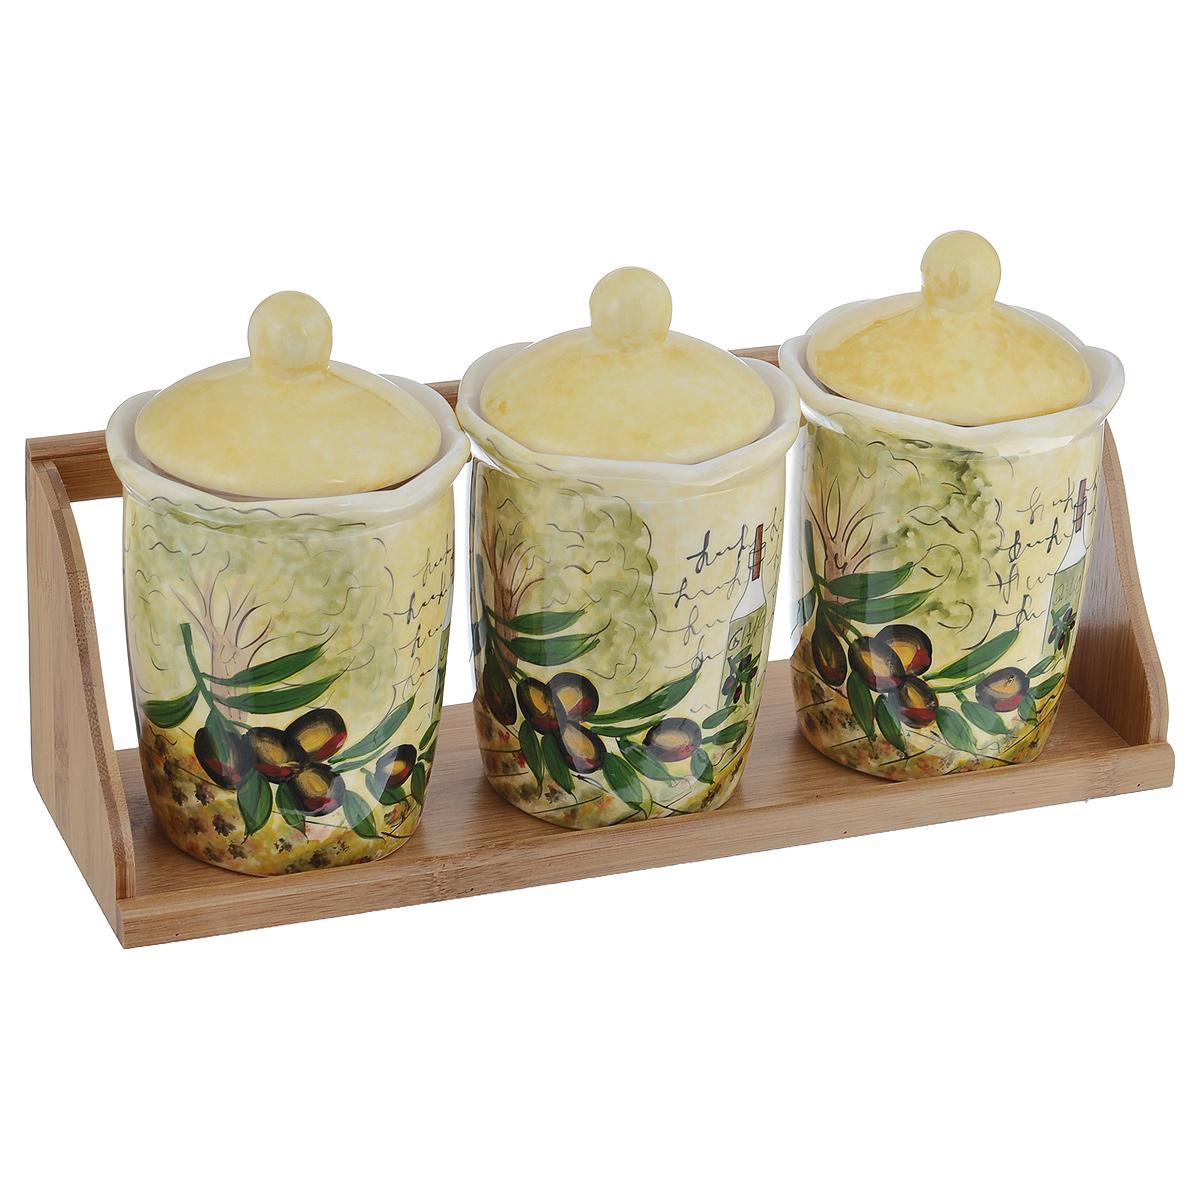 Набор банок для хранения сыпучих продуктов Маслины, 4 предметаDFC02076-02208 BO 3/SНабор Маслины состоит из трех больших банок и подставки. Предметы набора изготовлены из доломитовой керамики и декорированы изображением маслин. Изделия помещаются на удобную деревянную подставку. Оригинальный дизайн, эстетичность и функциональность набора позволят ему стать достойным дополнением к кухонному инвентарю. Можно мыть в посудомоечной машине на минимальной температуре. Диаметр основания емкости: 7,5 см. Высота емкости (без учета крышки): 12,5 см. Объём каждой банки: 550 мл. Размер подставки: 34 х 10,5 х 11,5 см.